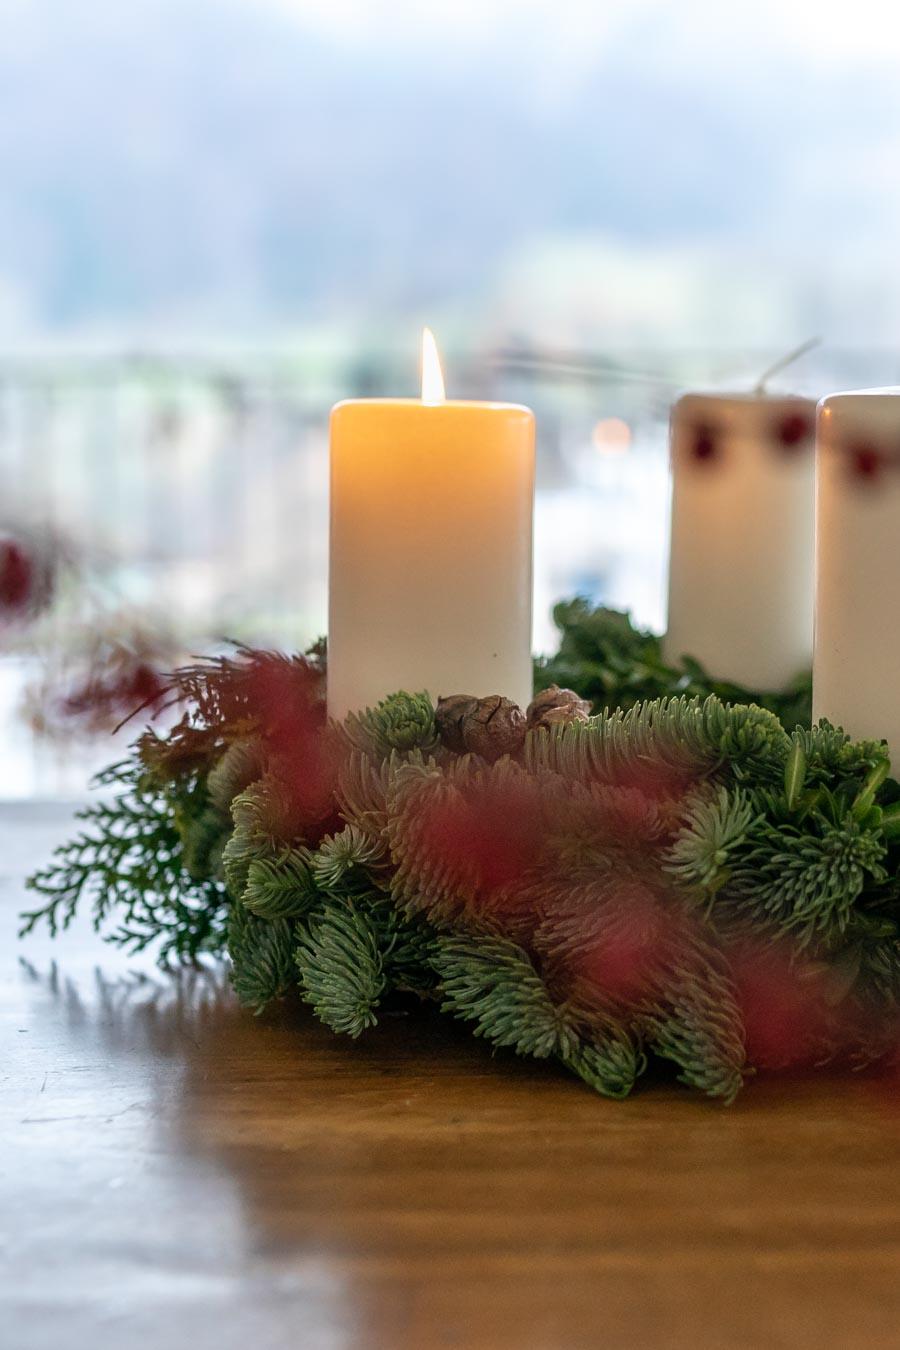 """""""Ihr dürft euren Kindern eure Liebe geben, aber nicht eure Gedanken. Denn sie haben ihre eigenen Gedanken. – Khalil Gibran"""" Wie meine Tochter mich dran erinnerte, dass ich mal wieder loslassen soll. Meine Vorstellungen von unserer Adventszeit zum Beispiel. Weiter lesen: www.chezmamapoule.com #adventszeit #loslassen #weihnachten #lebenmitkind #weihnachtszeit #lebenmitkind #weihnachtsgeschenke #adventskranz #adventskalender #achtsamkeit"""